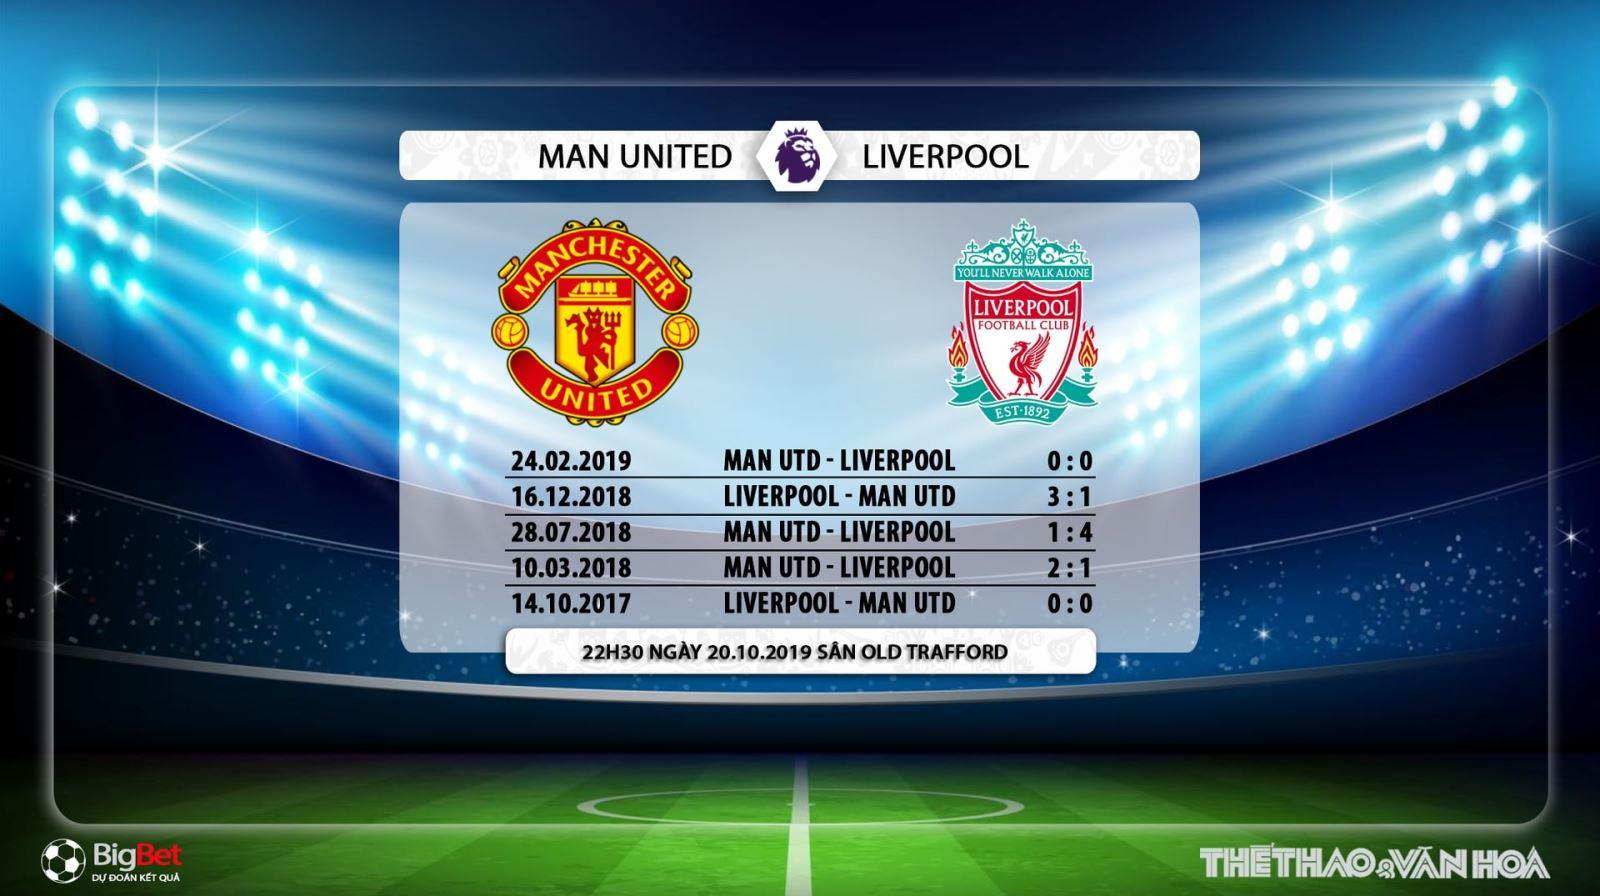 MU vs Liverpool, kèo bóng đá, MU, truc tiep bong da hôm nay, MU đấu với Liverpool, trực tiếp bóng đá, K+, K+PM, K+PC, xem bóng đá trực tuyến